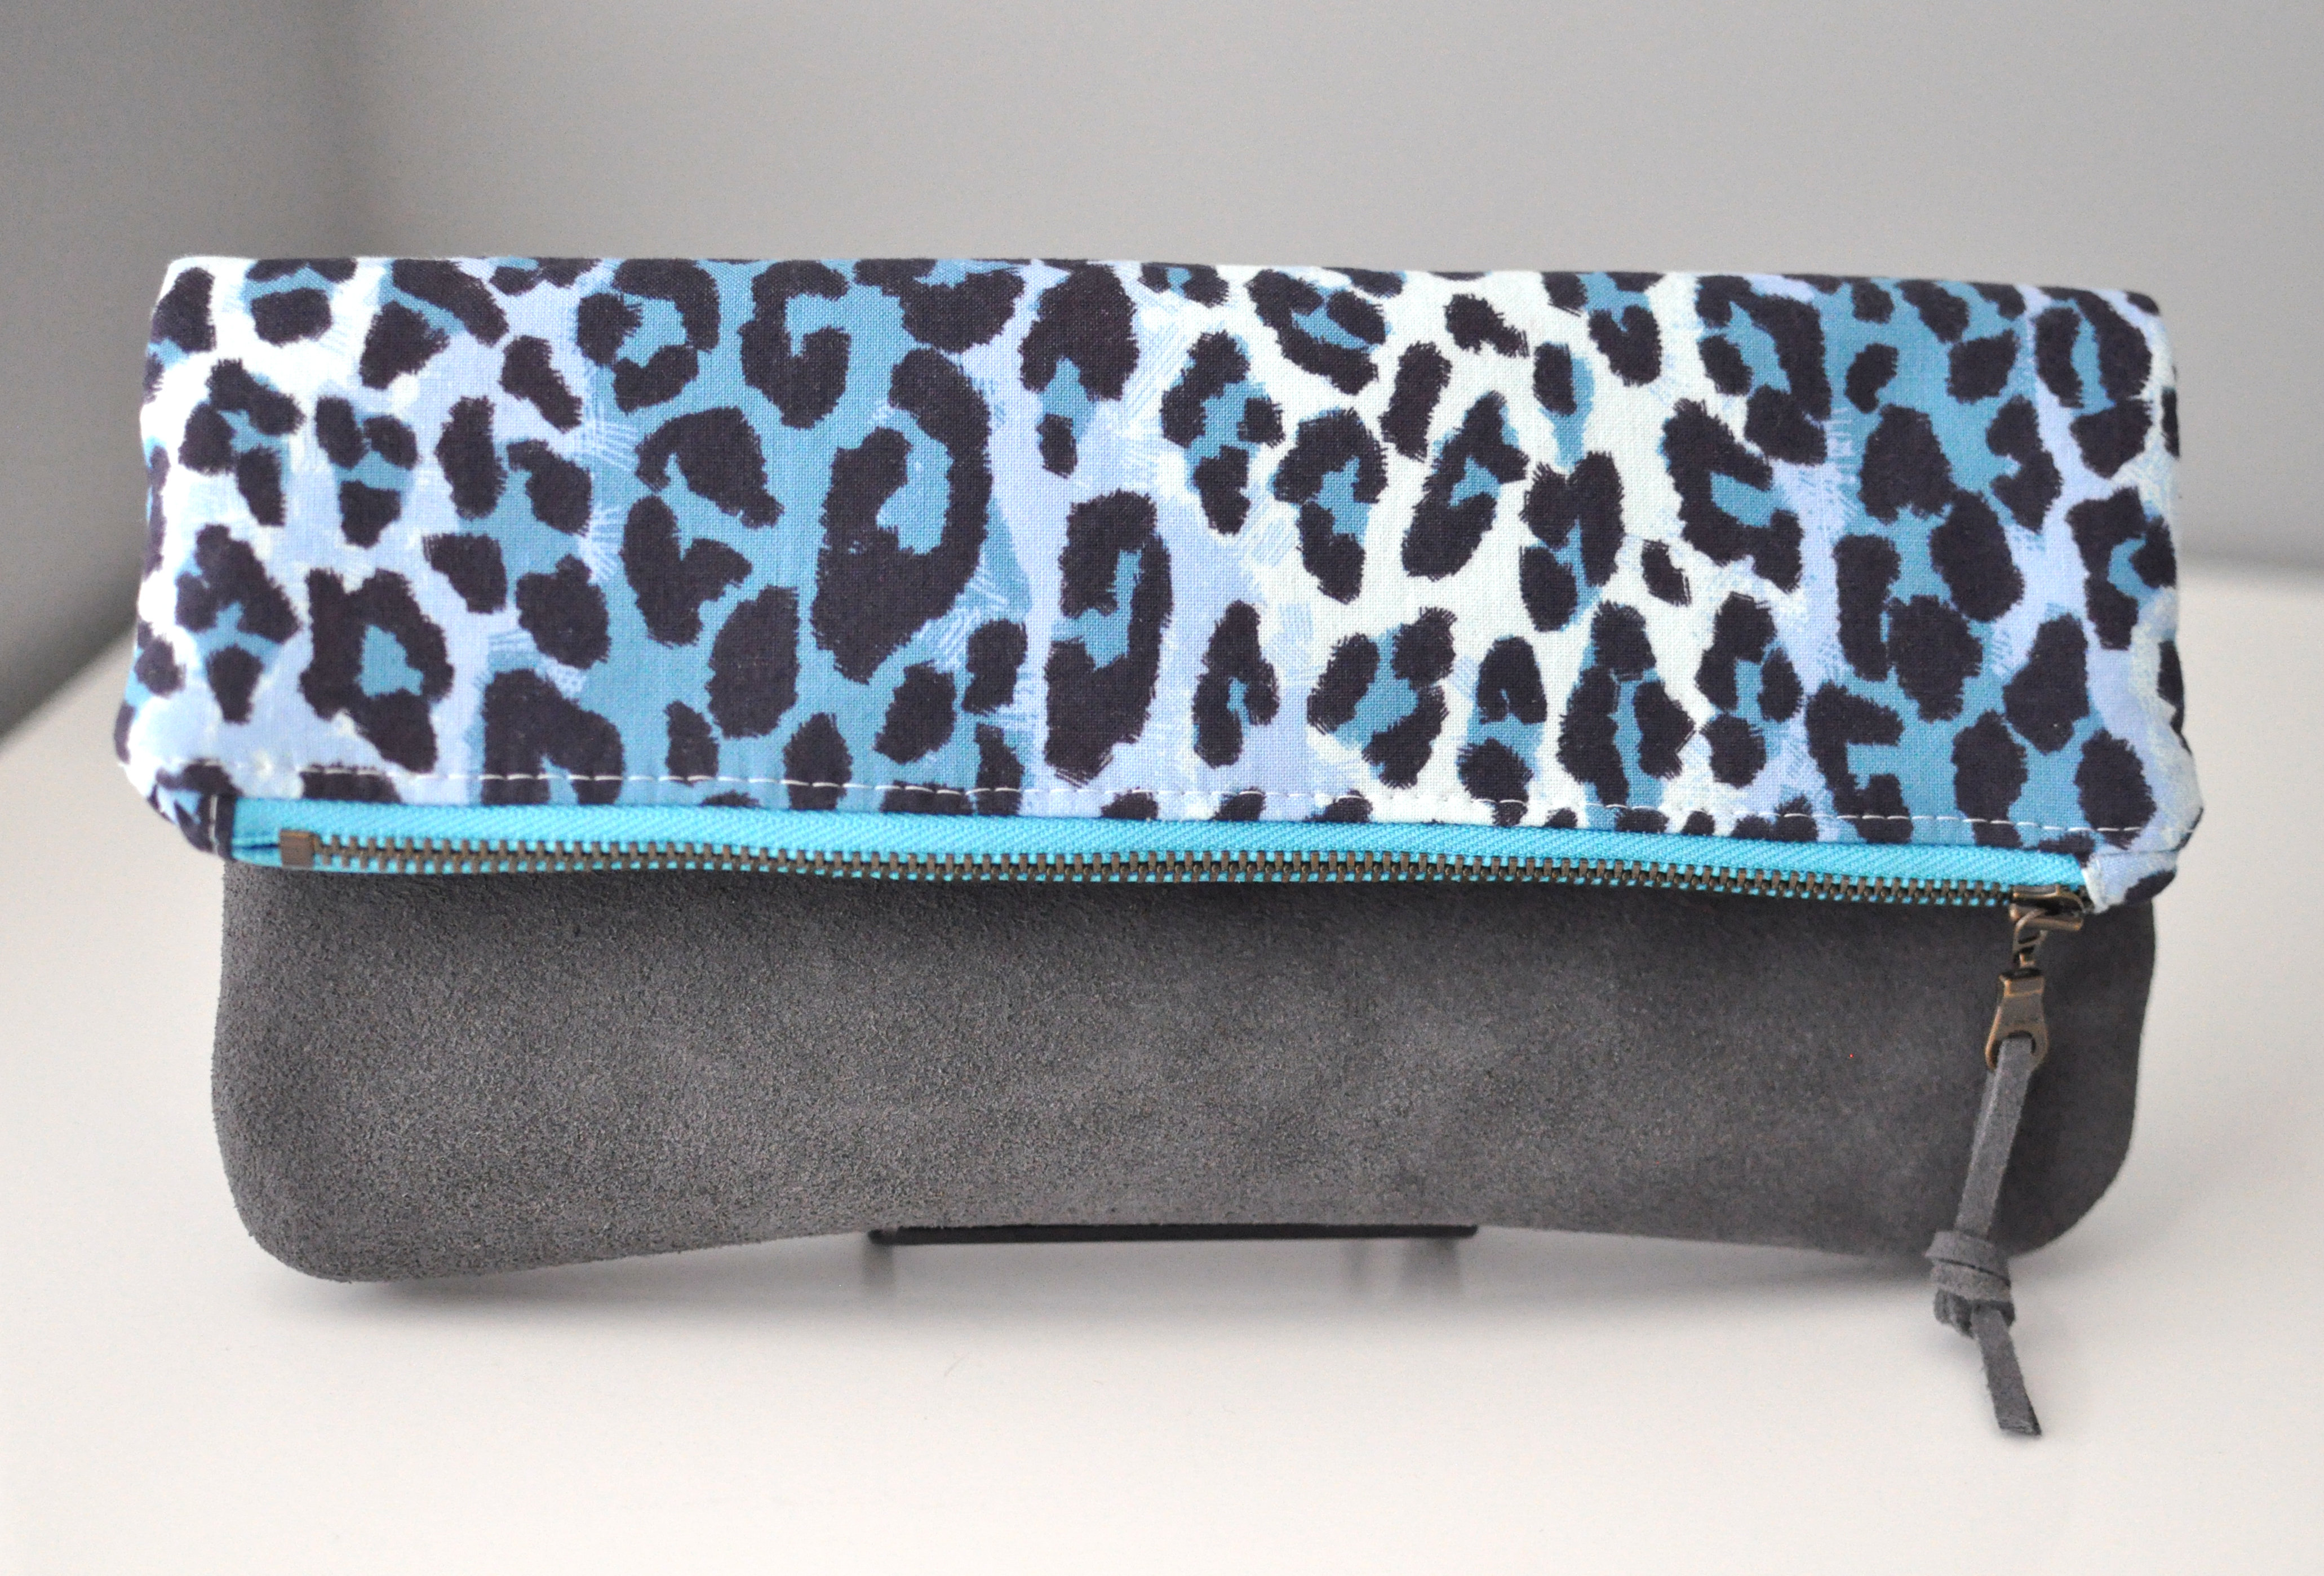 Date Night Clutch | Blue Cheetah